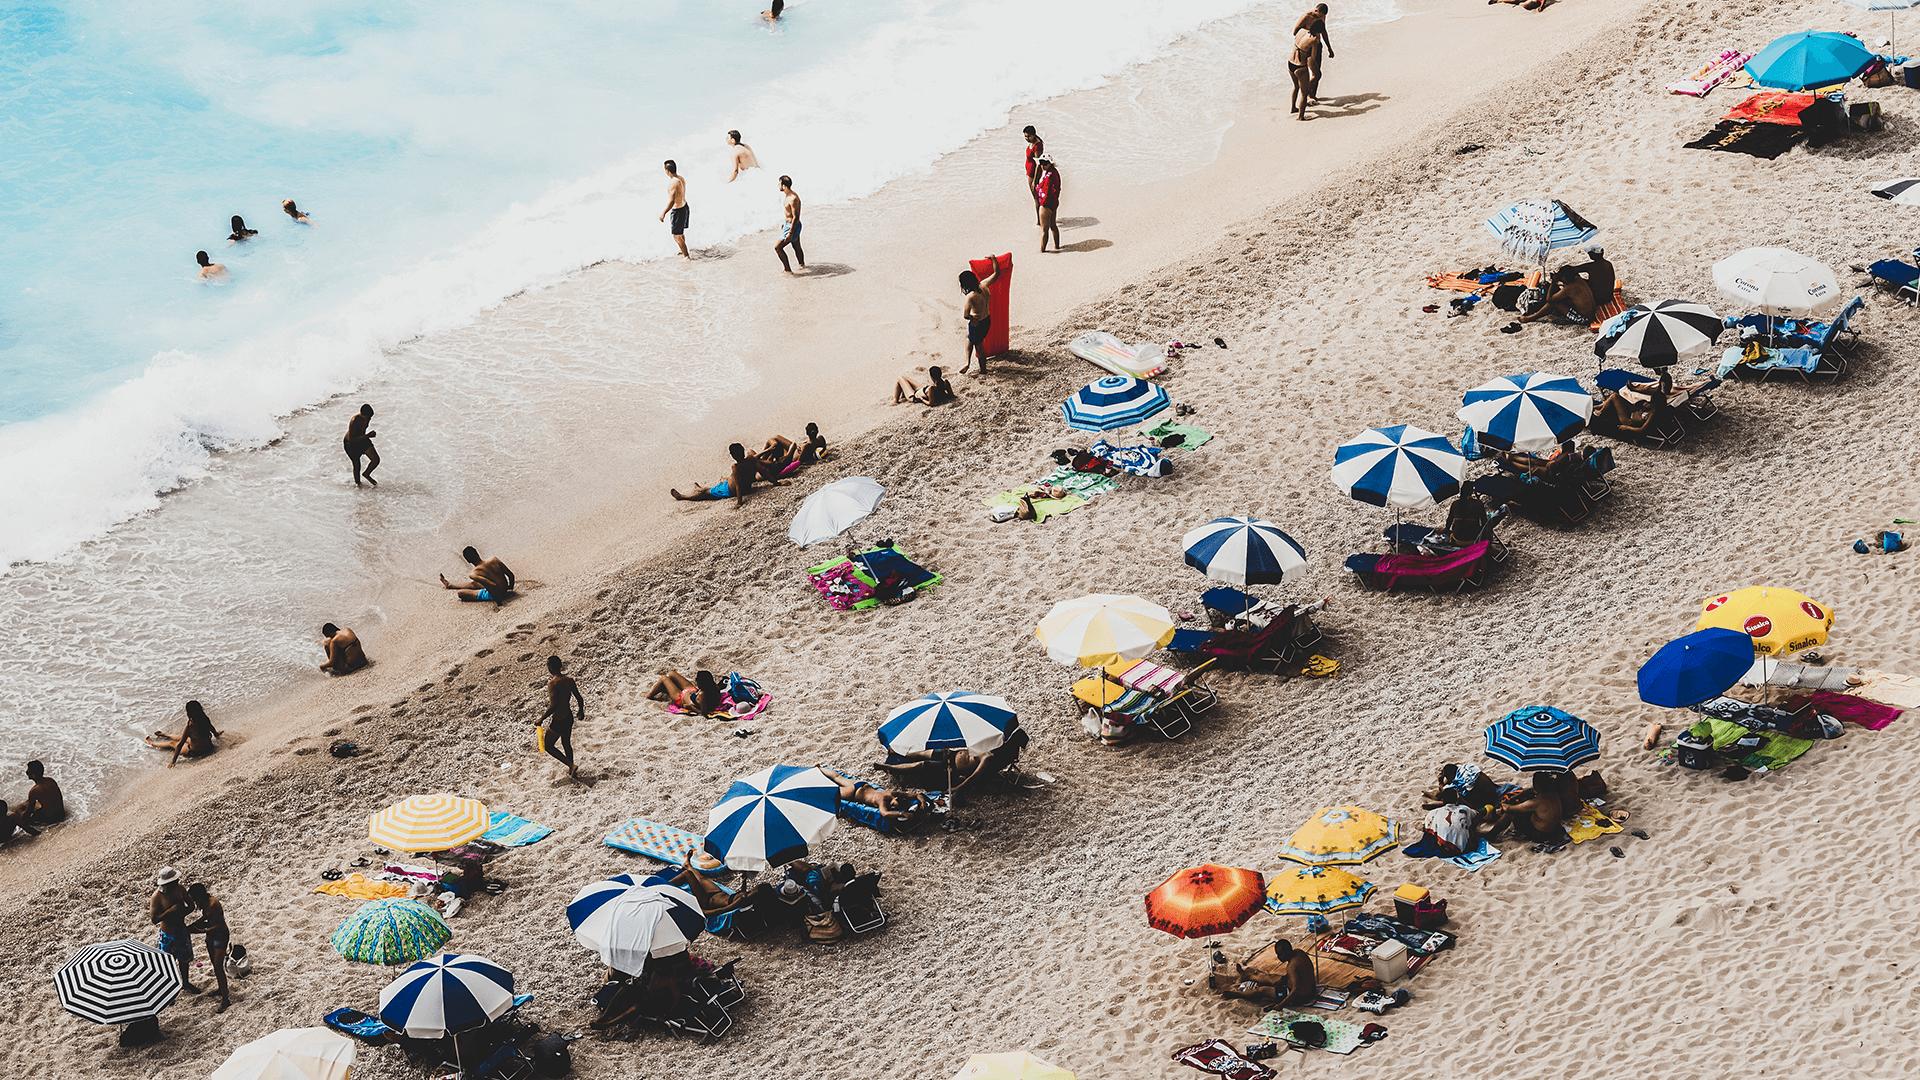 Touristen am Strand mit Meer